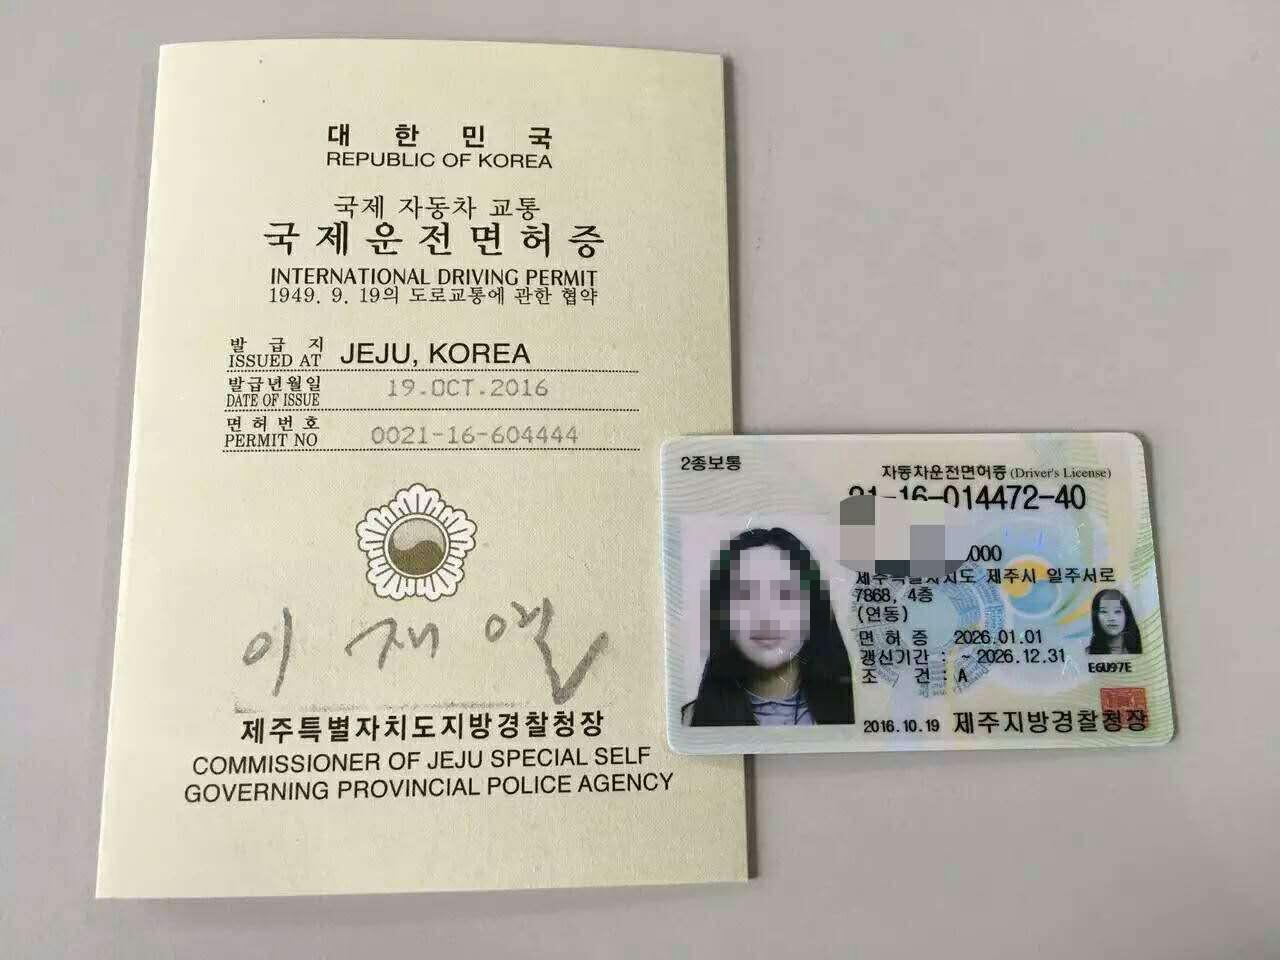 出境自驾国际驾照种类多变,方式不一,哪种放心?